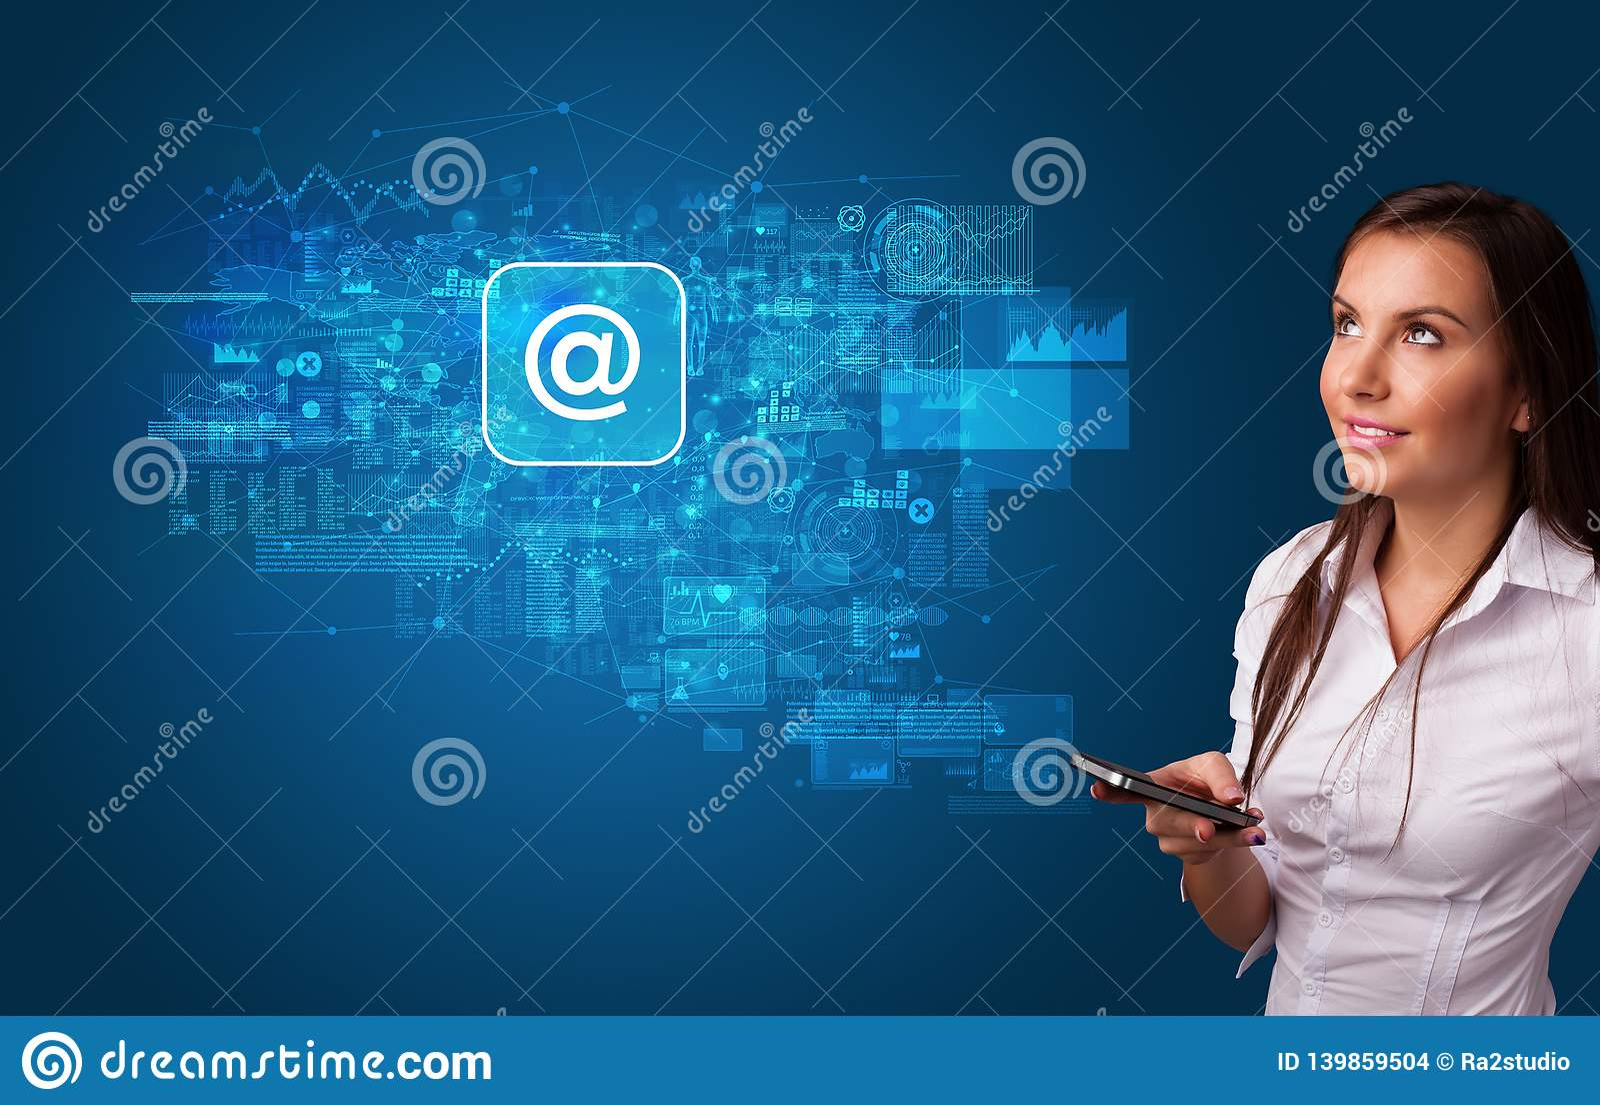 Persoon die telefoon met postconcept met behulp van